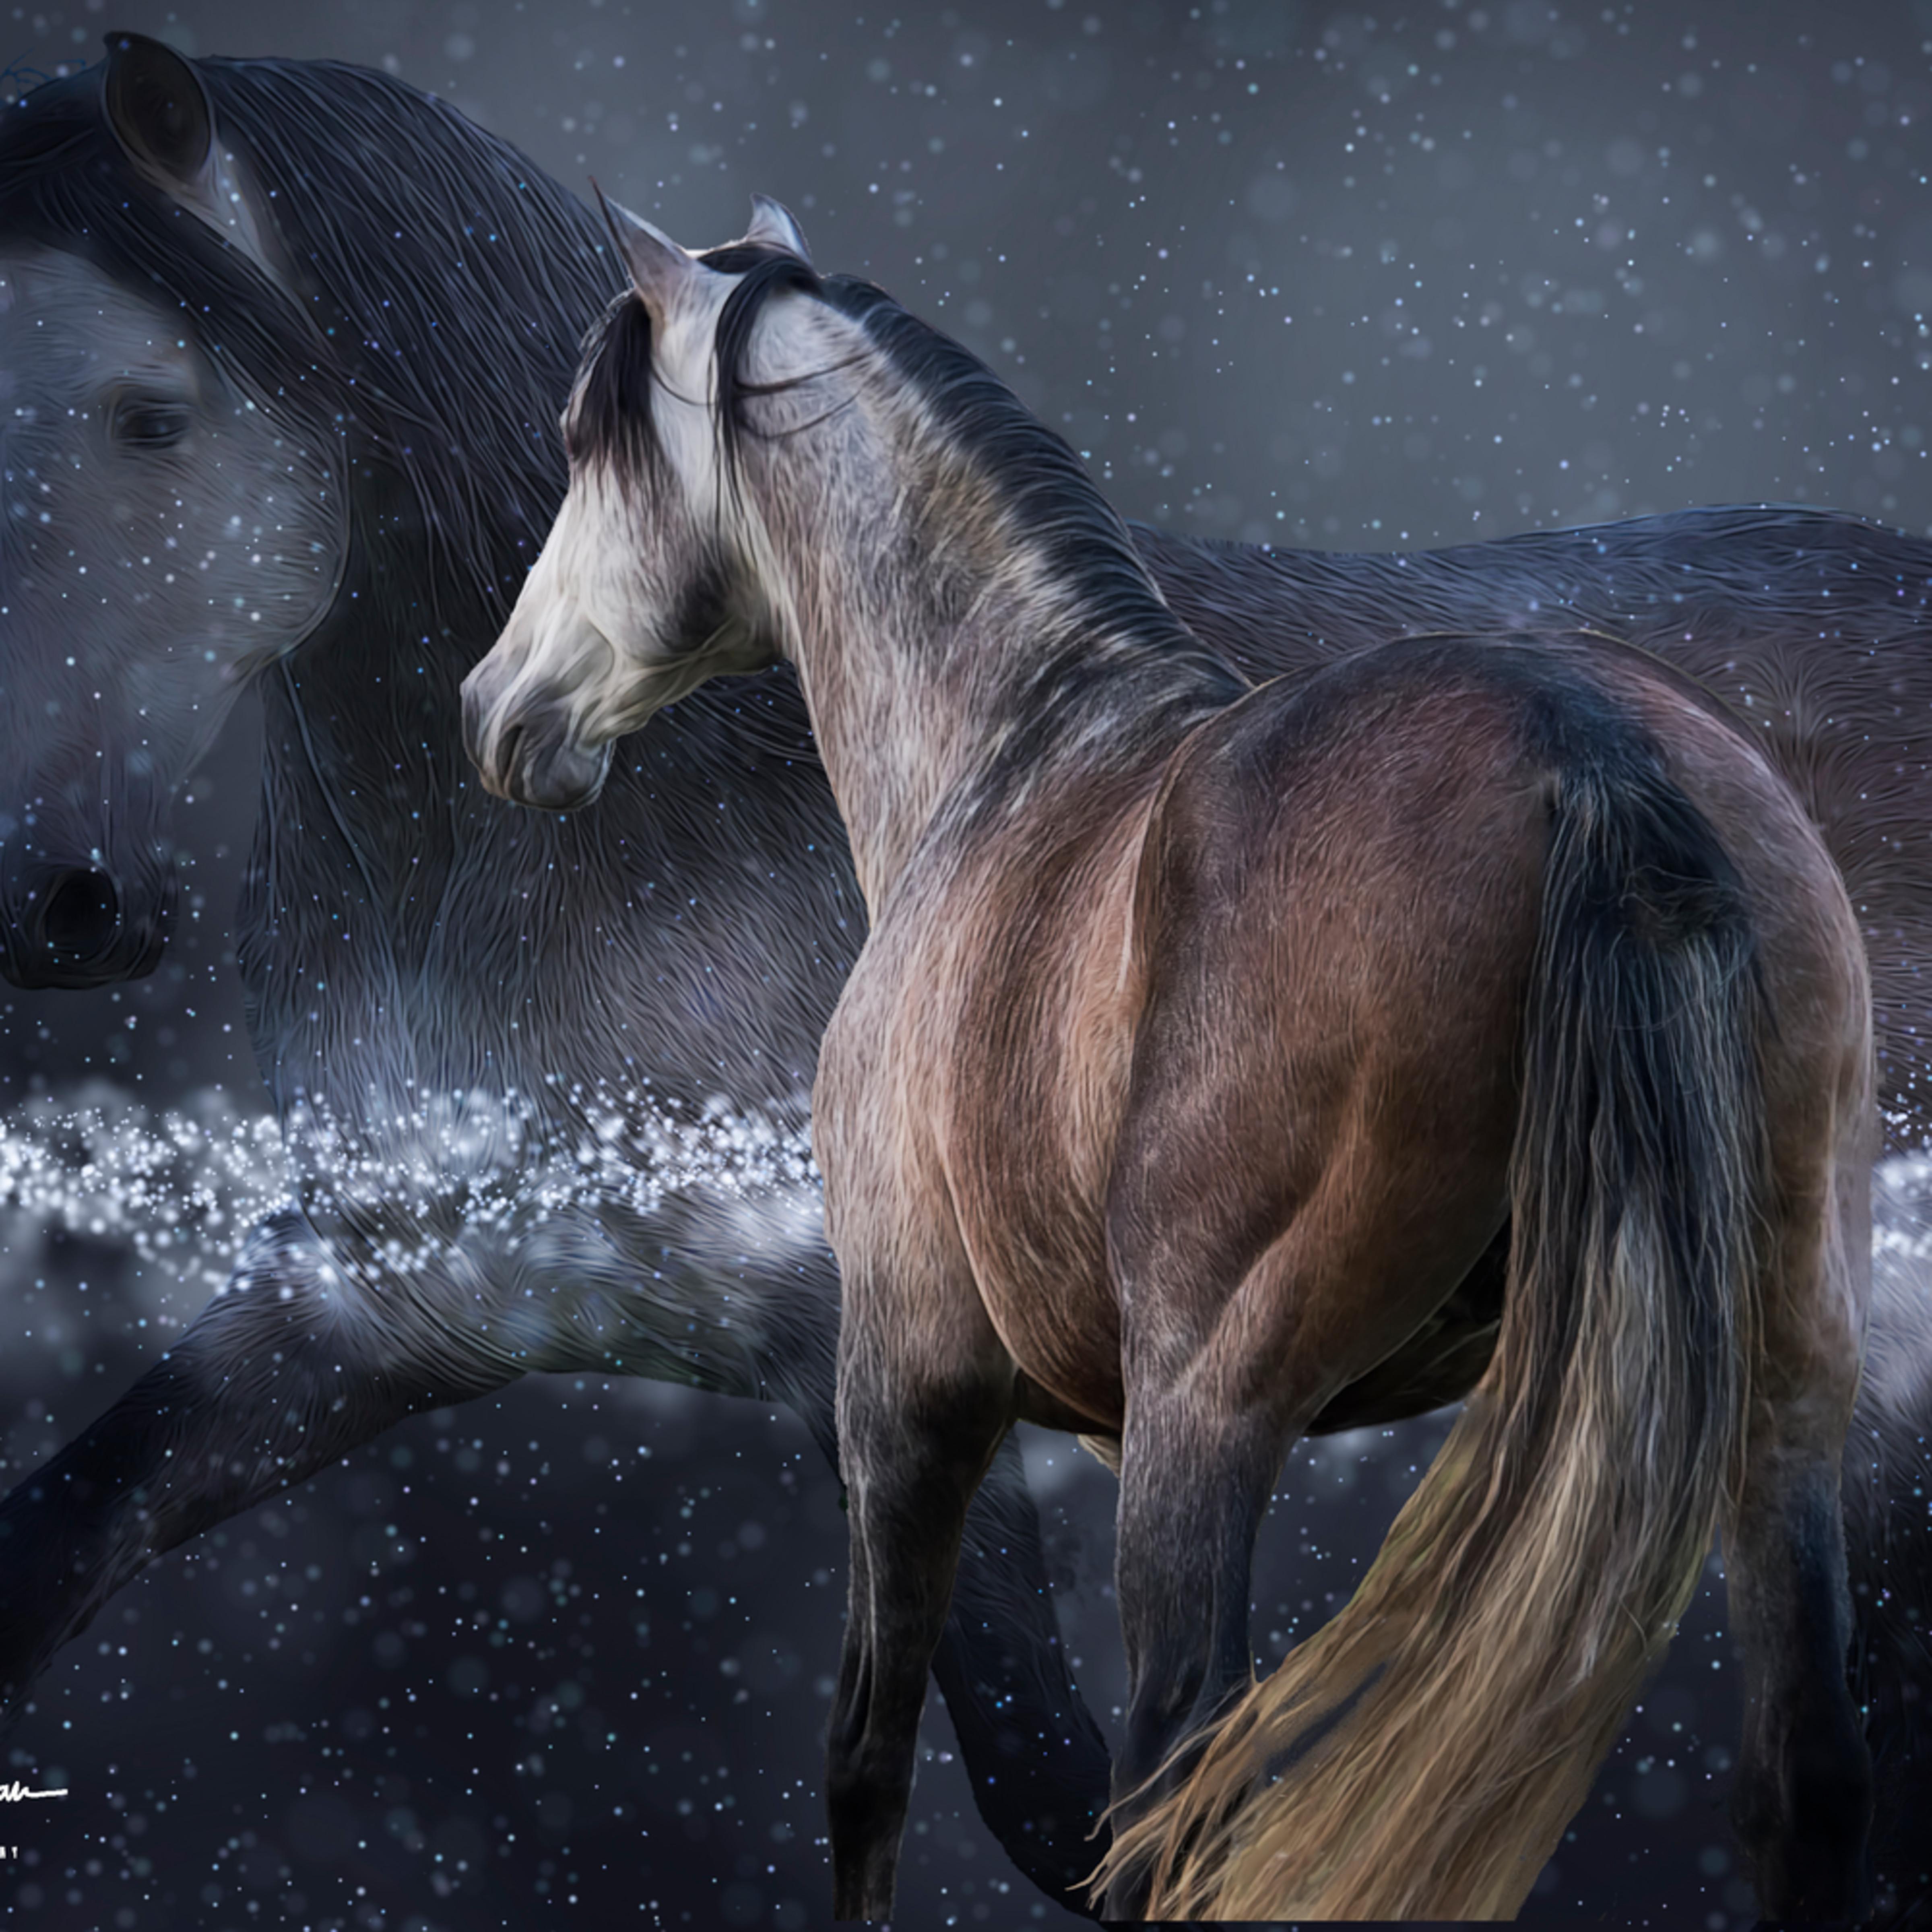 Equine spirit r7lntd